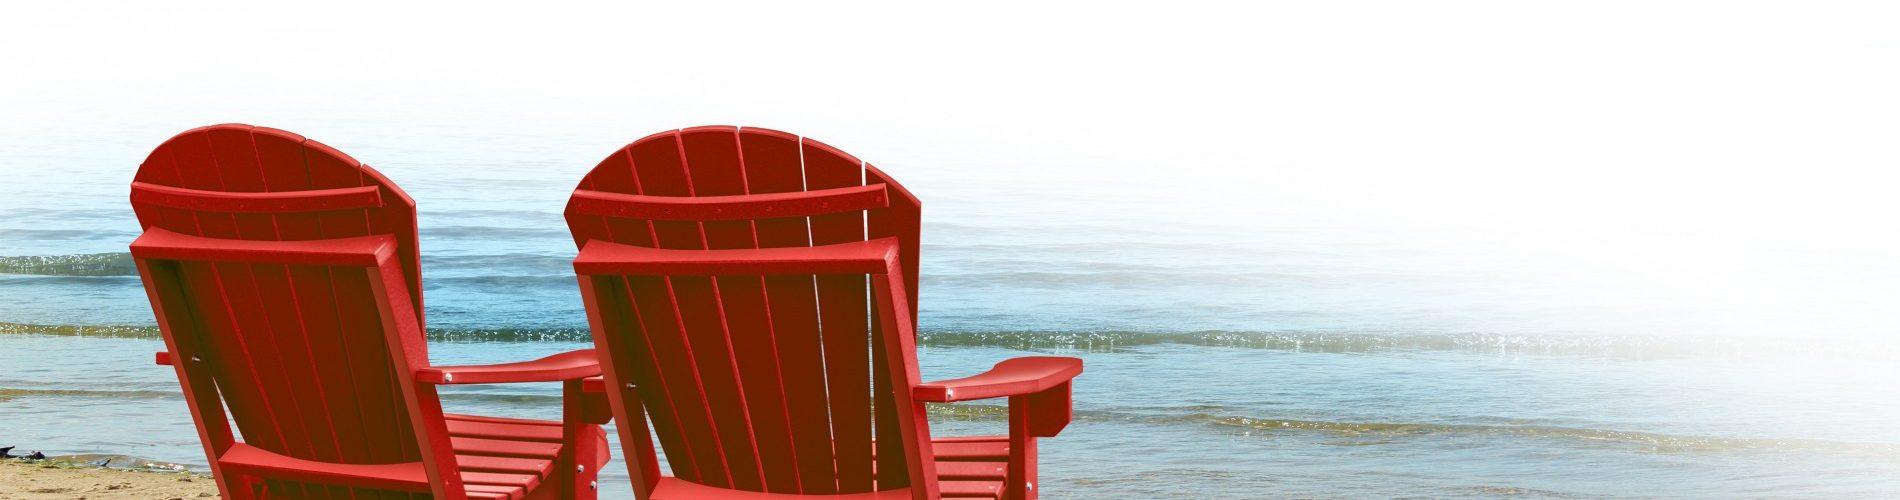 conseils en planification de retraite shukr associates. Black Bedroom Furniture Sets. Home Design Ideas